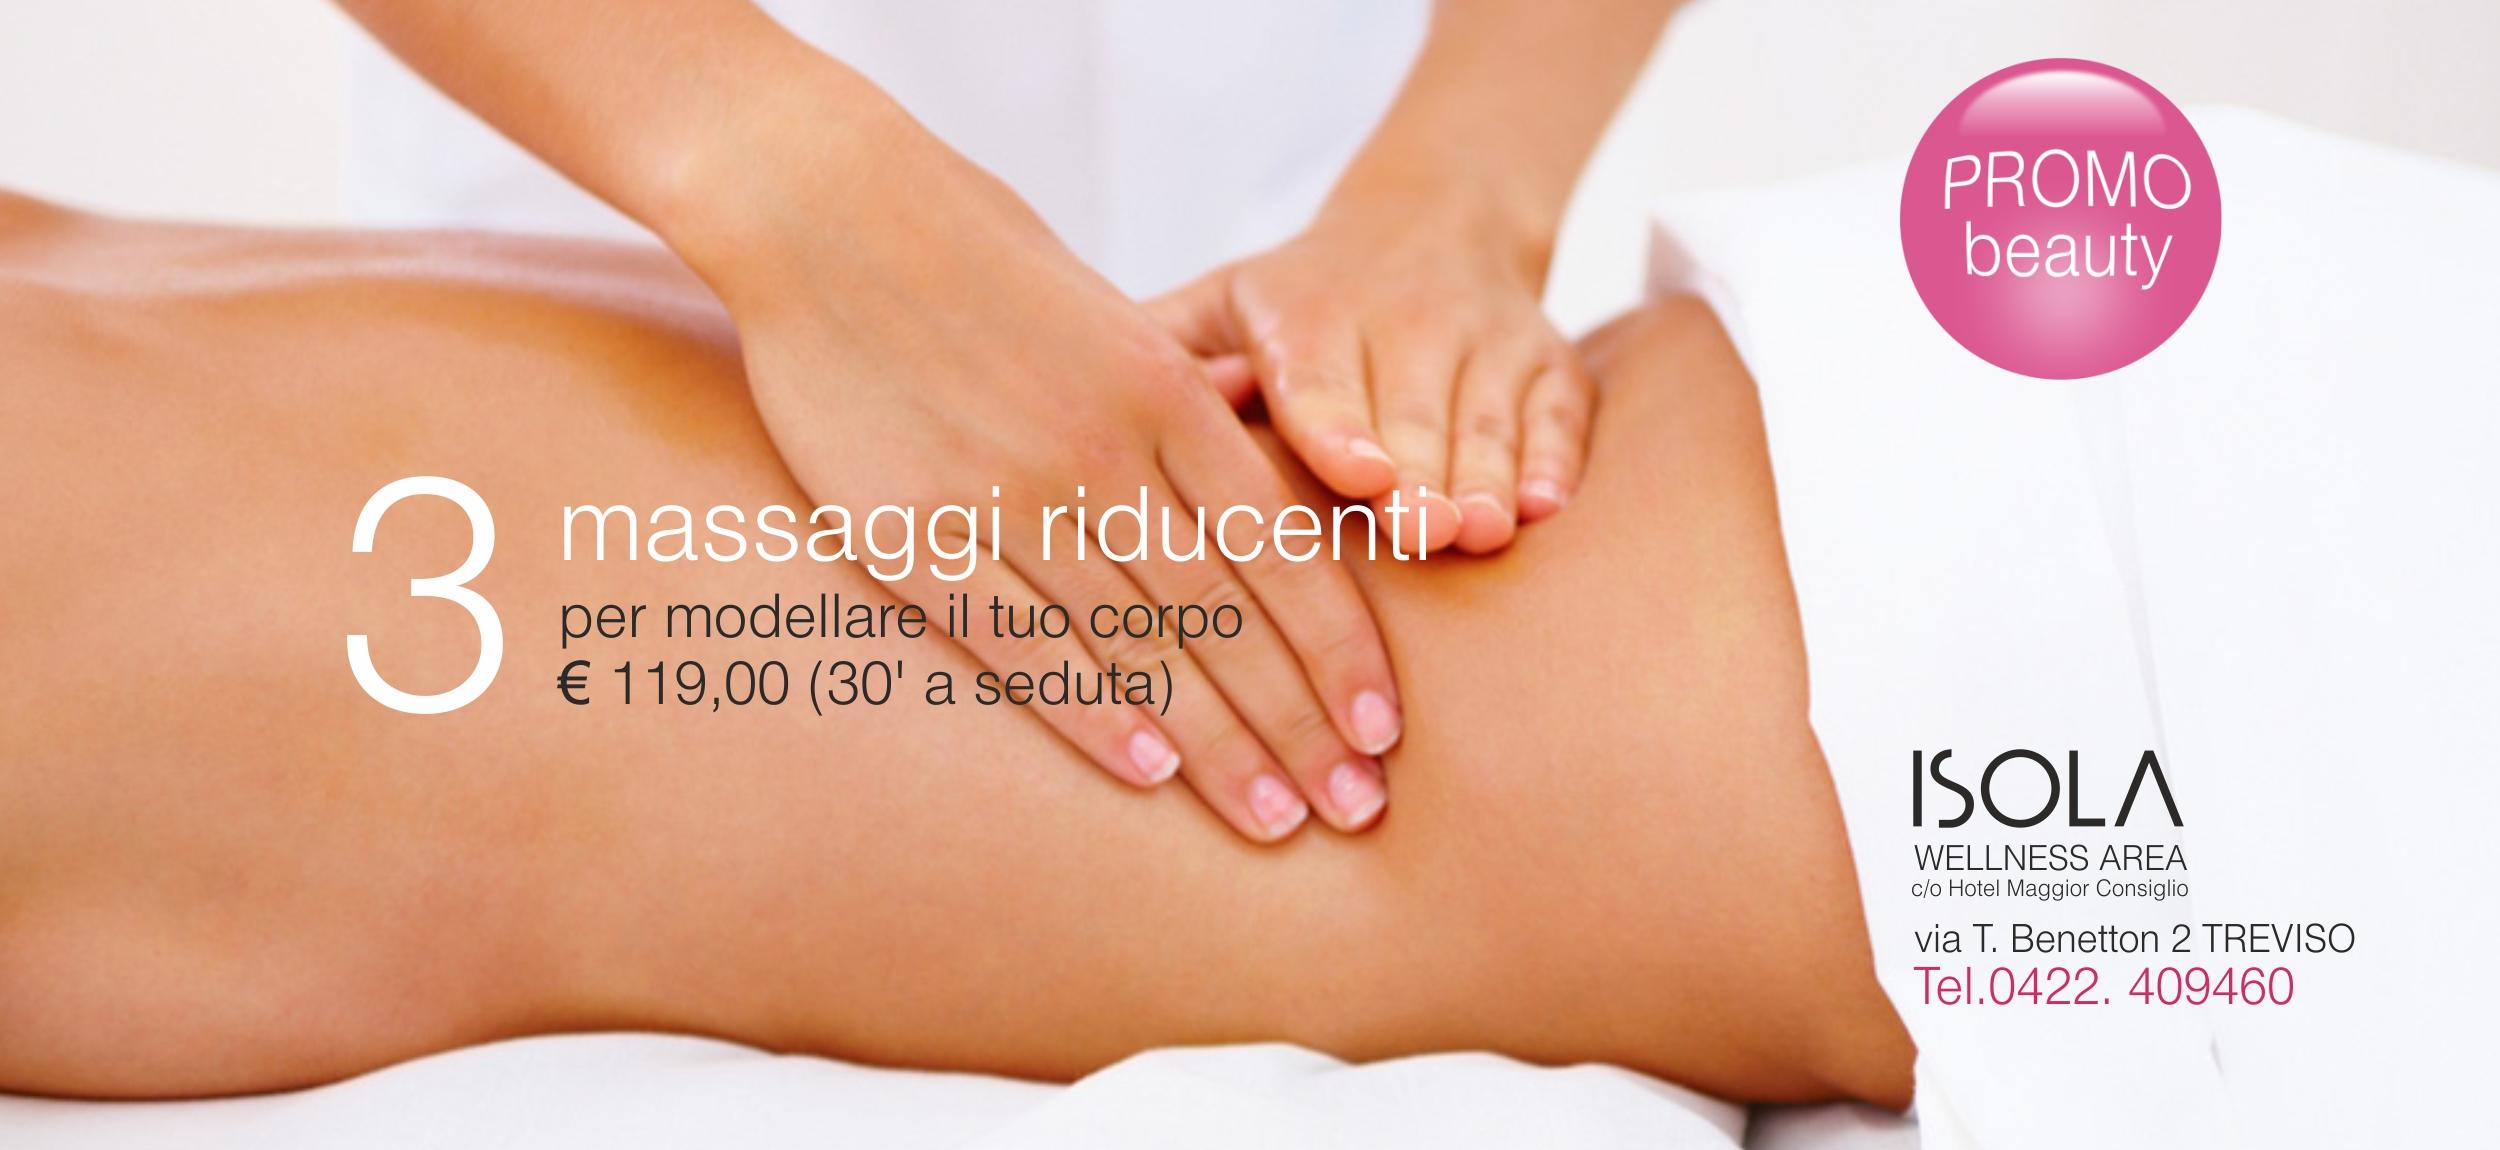 3 massaggi riducenti